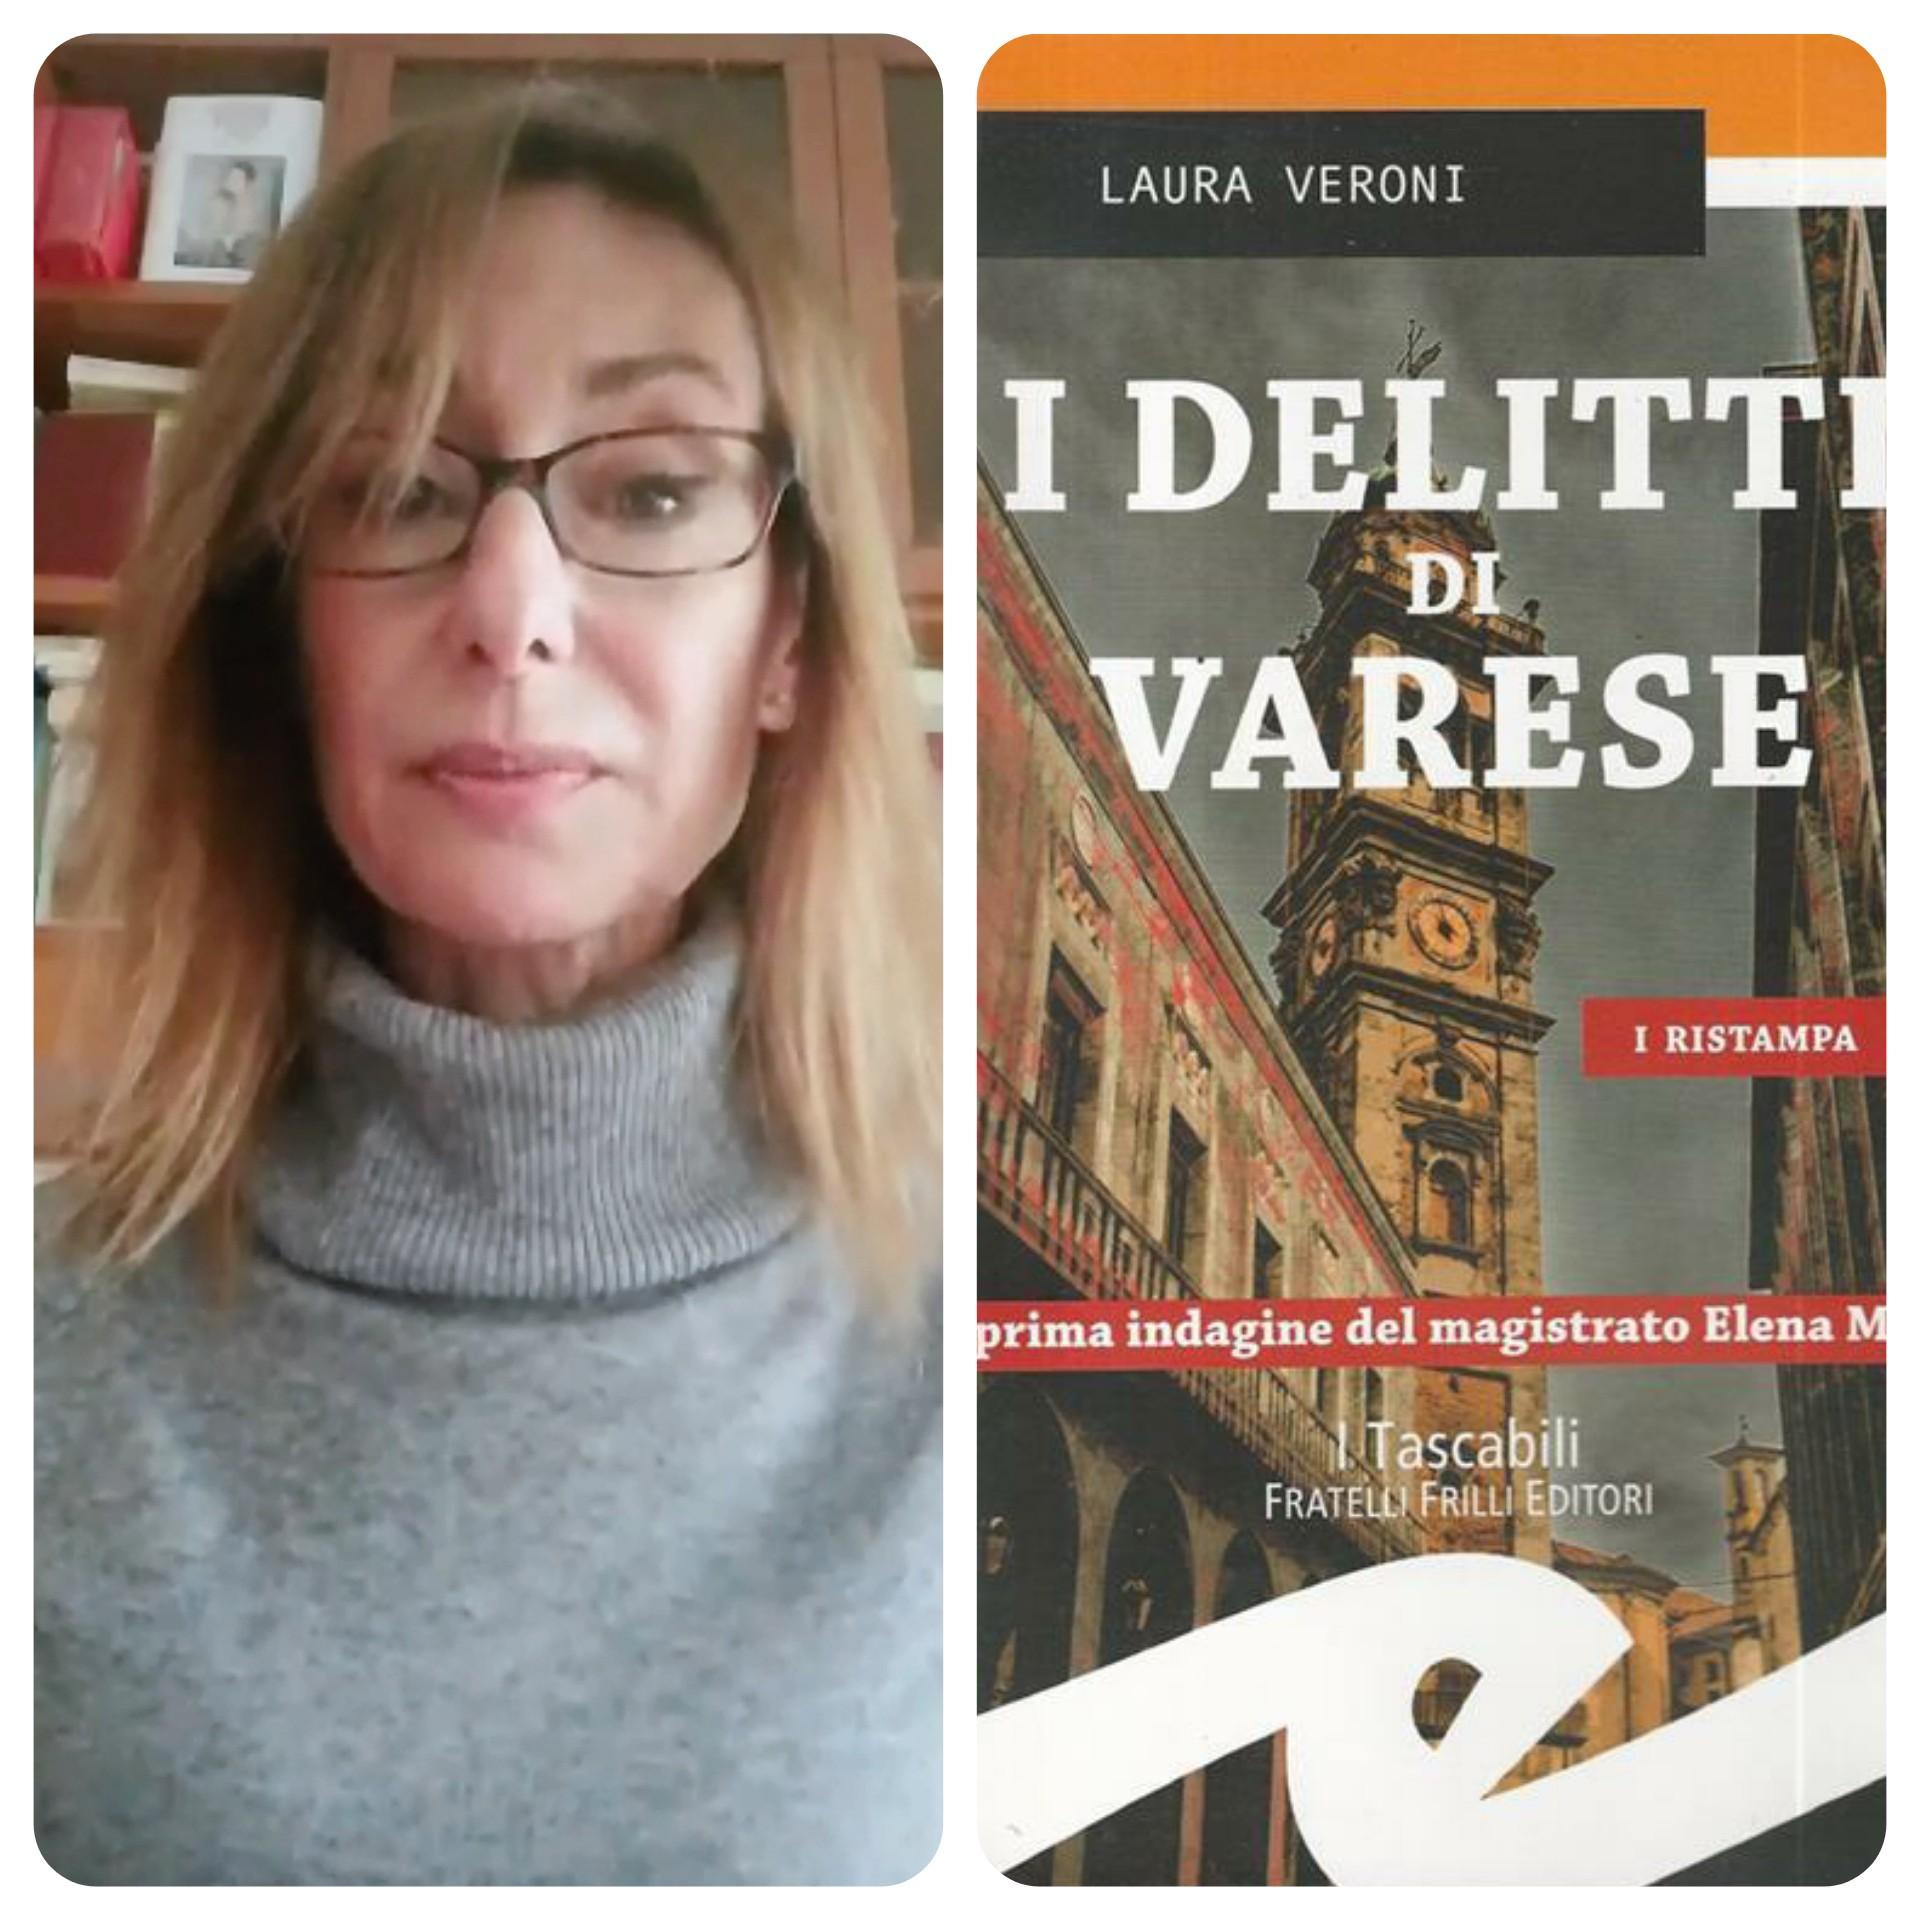 """""""Ve lo legge lo scrittore""""  stasera ospite del Blog  c' è Laura Veroni autrice del romanzo """"I delitti di Varese"""" edito da Fratelli Frilli"""